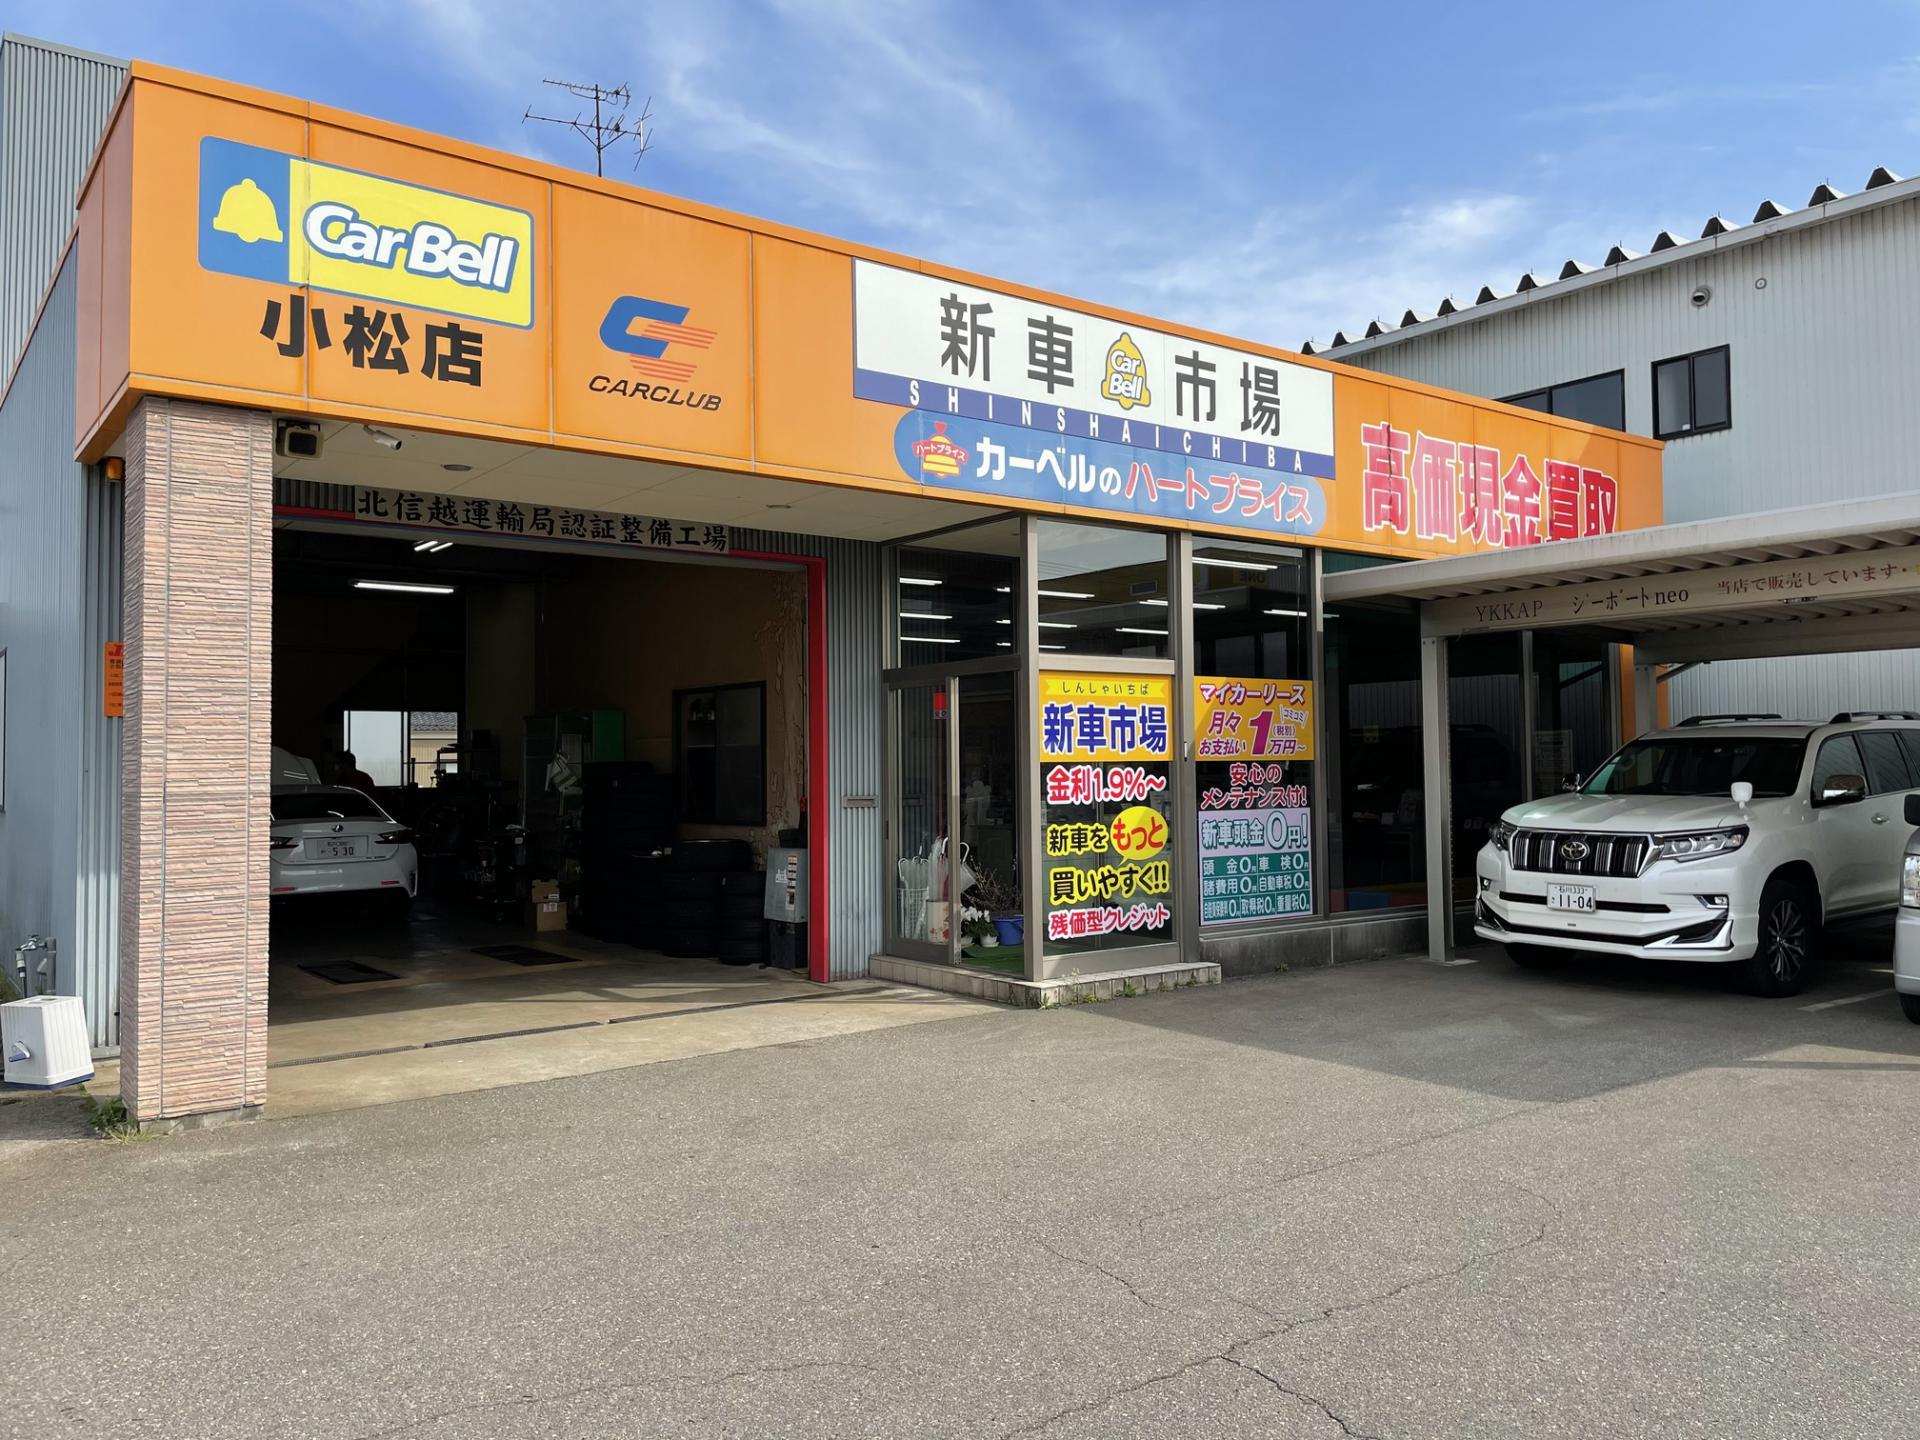 有限会社 カー倶楽部 新車市場 小松店